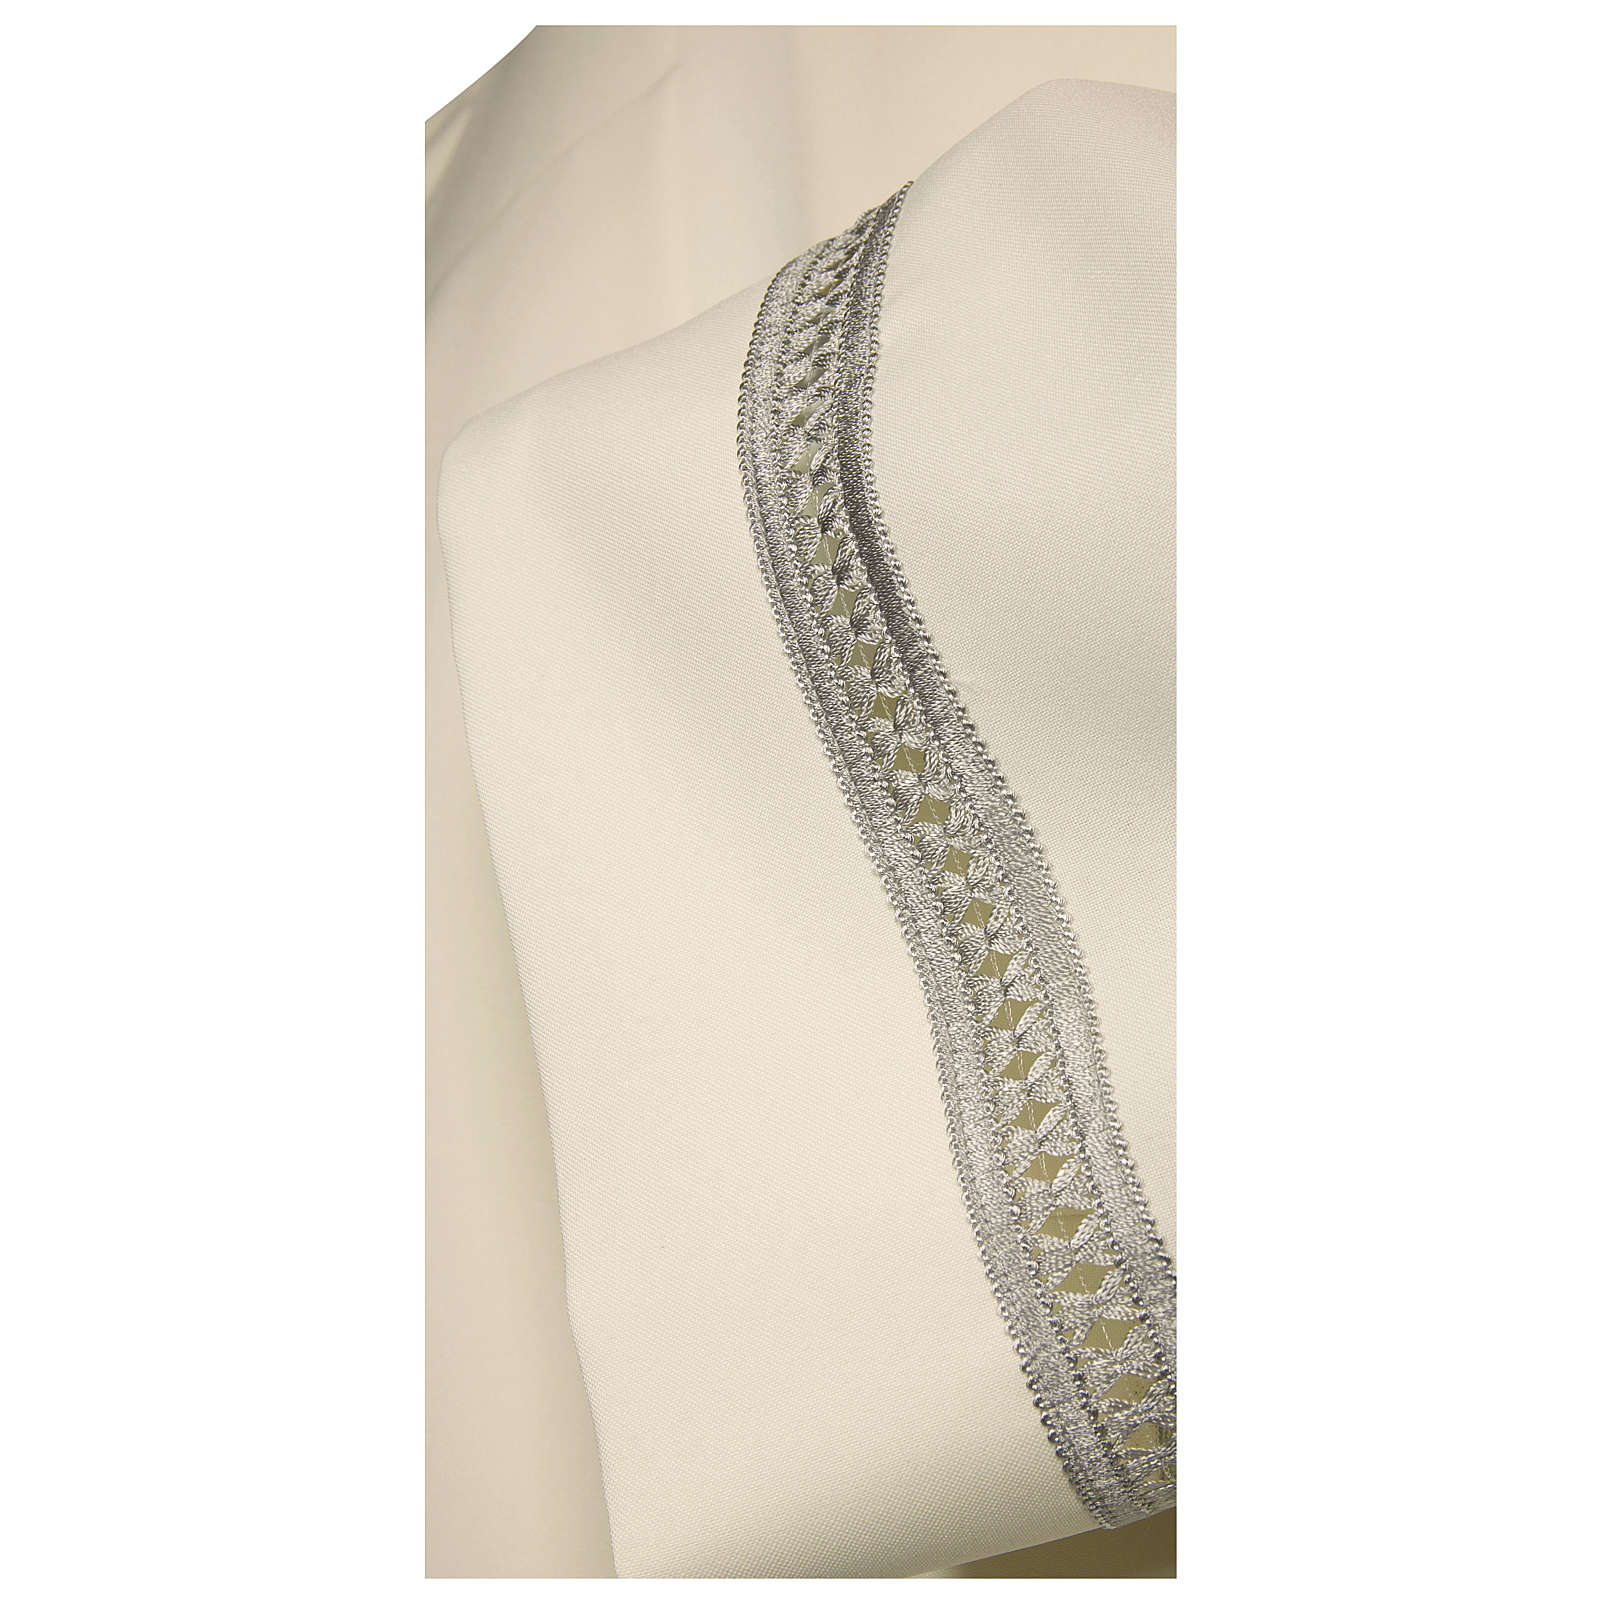 Camice 65% poliestere 35% cotone avorio gigliuccio argento macchina cerniera spalla 4